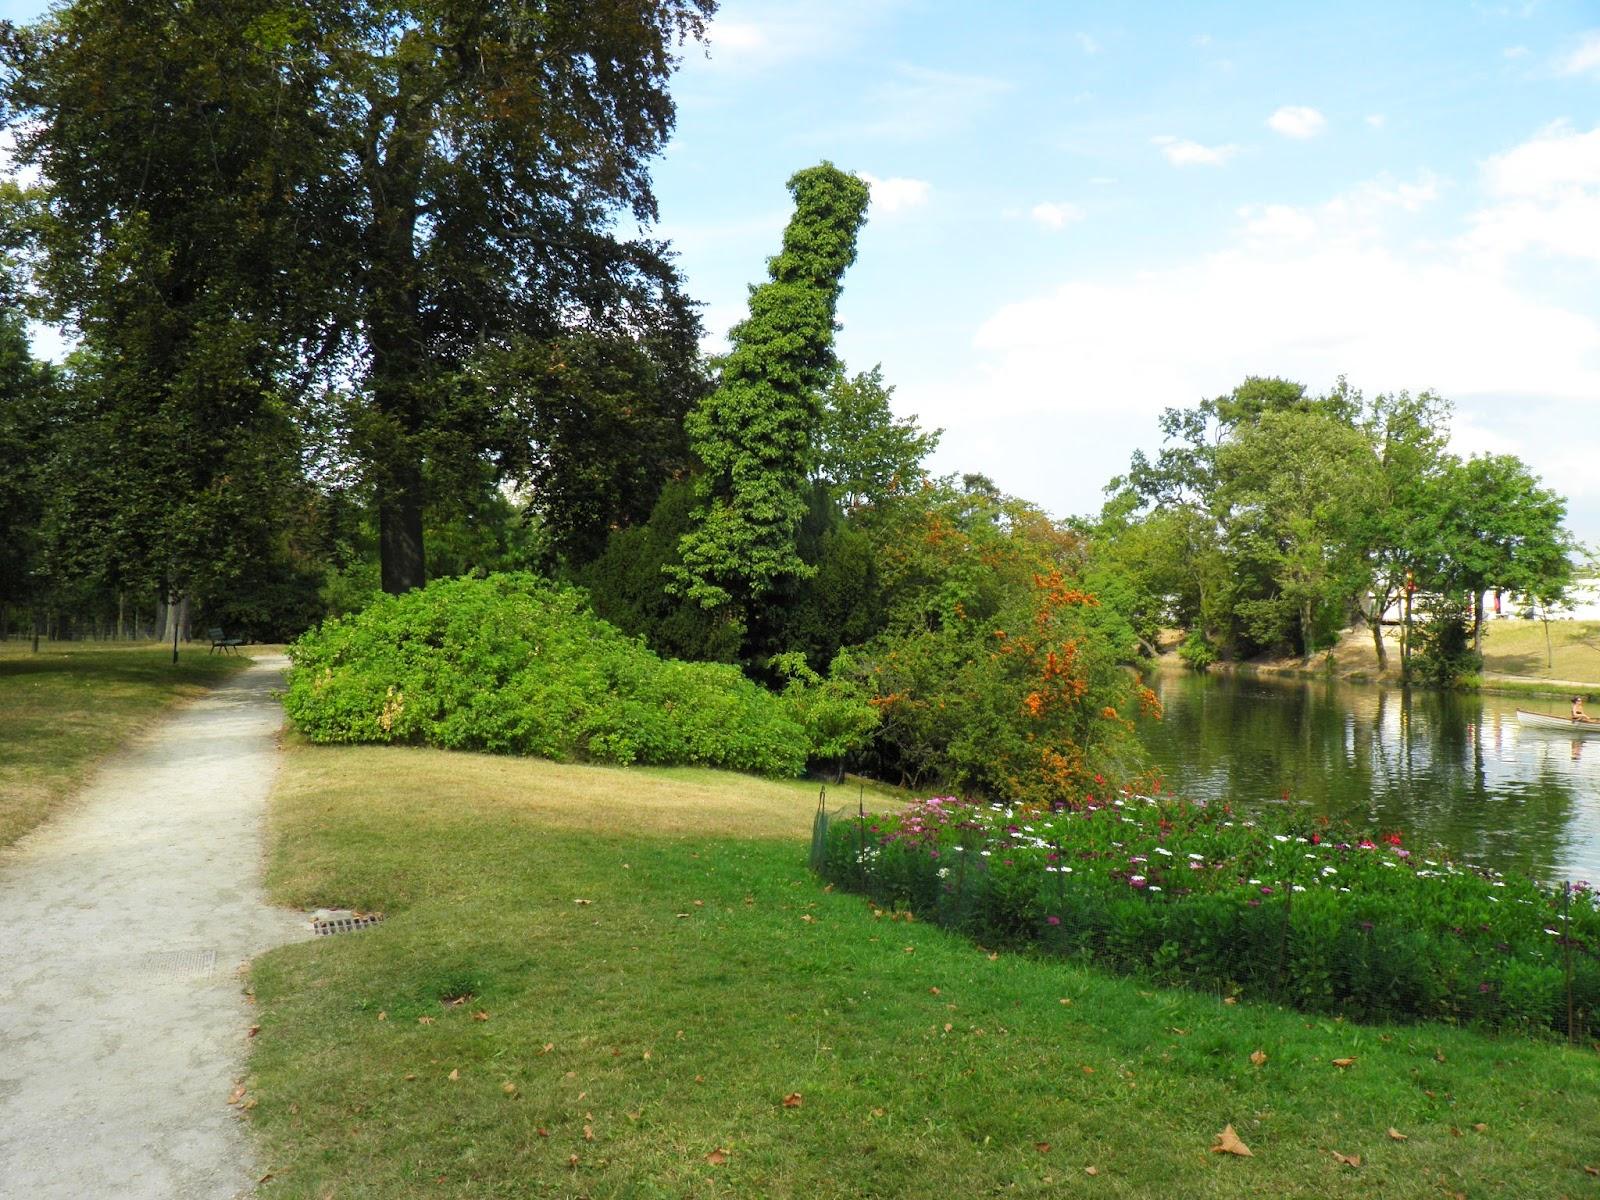 le chalet des îles lac inferieur du bois de boulogne 75016 paris  ~ Grand Hotel Bois De Boulogne